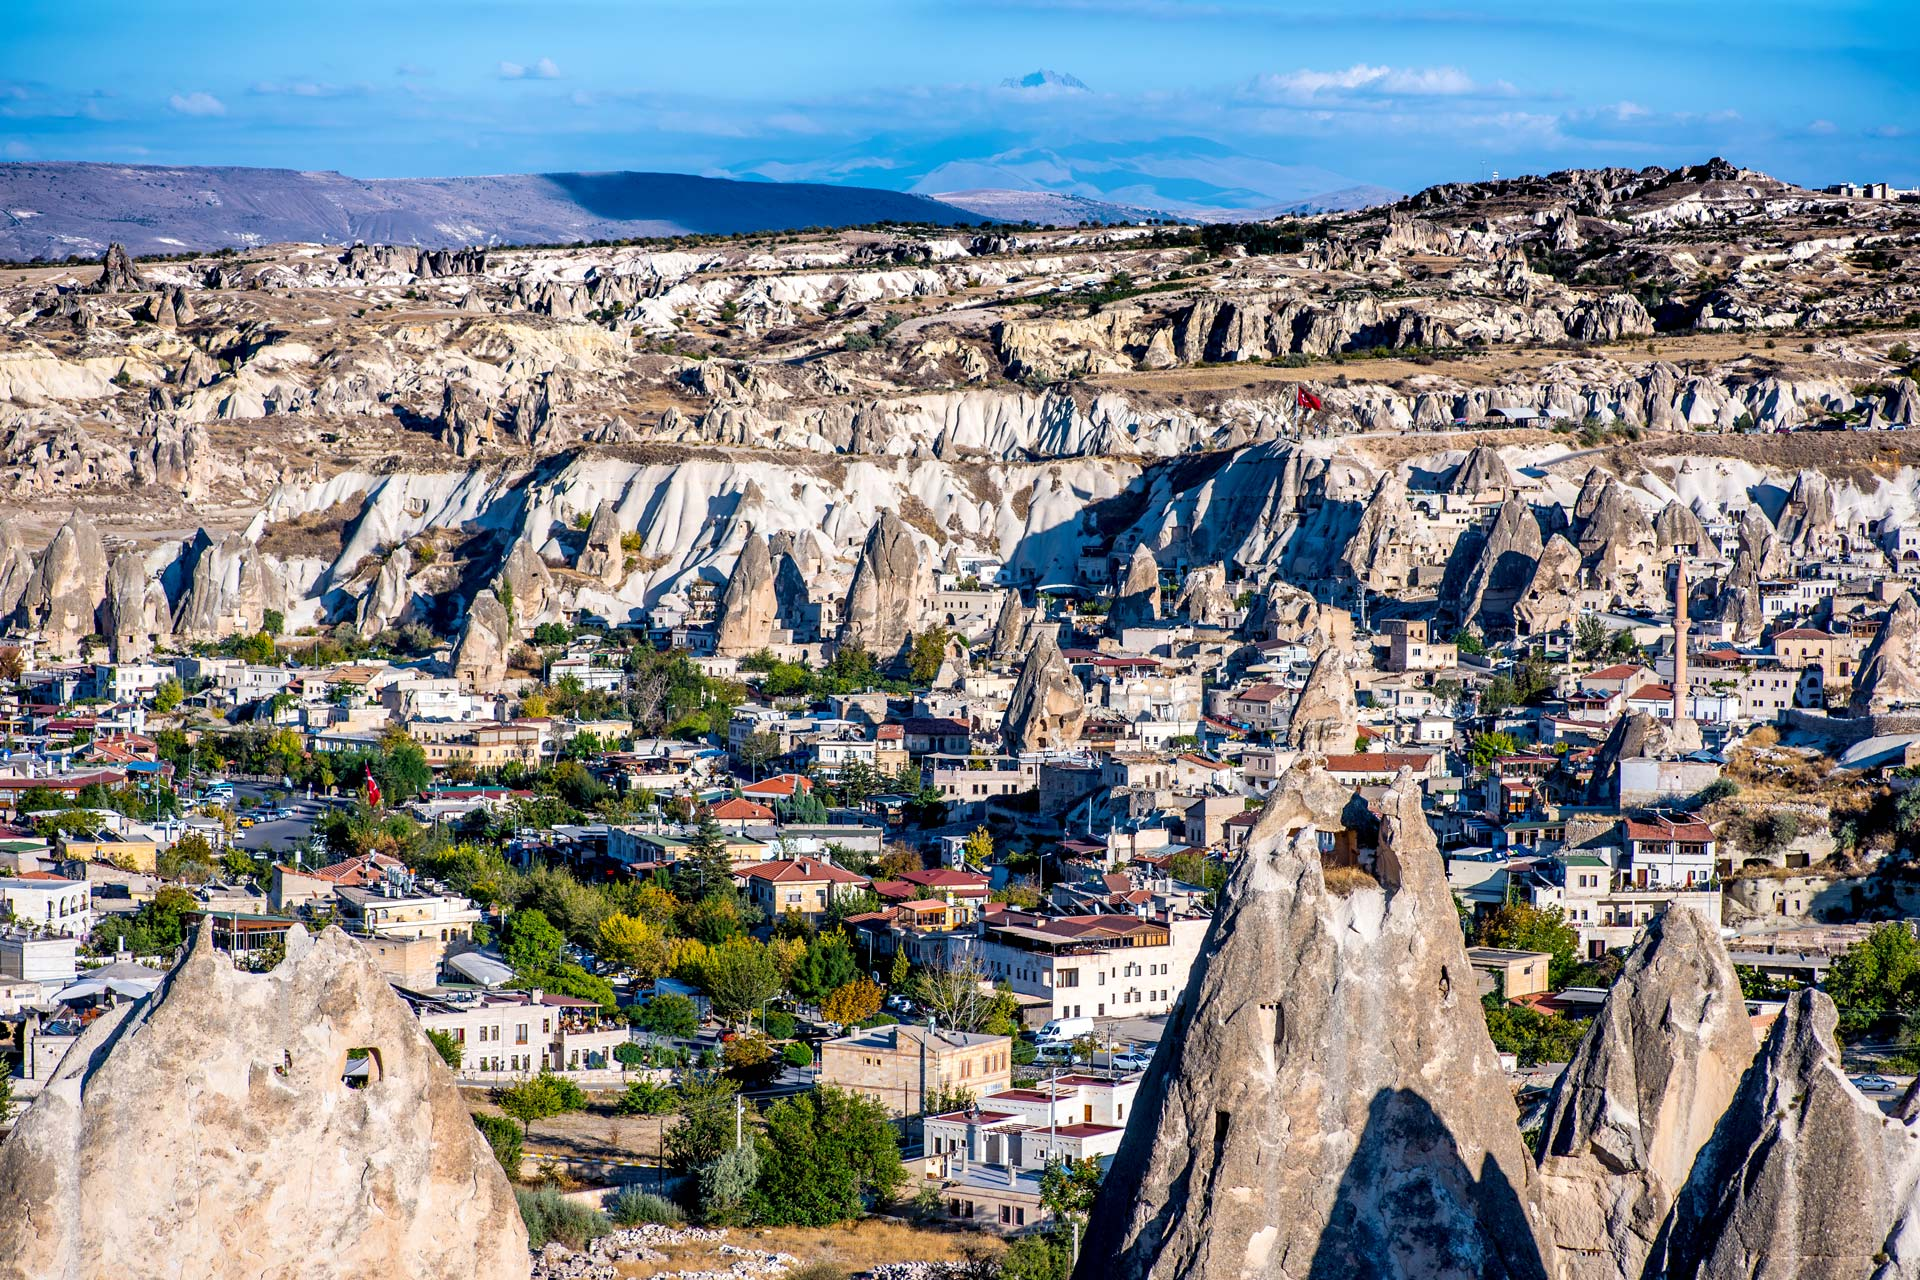 Reisefotografie - Göreme, Kappadokien, Türkei